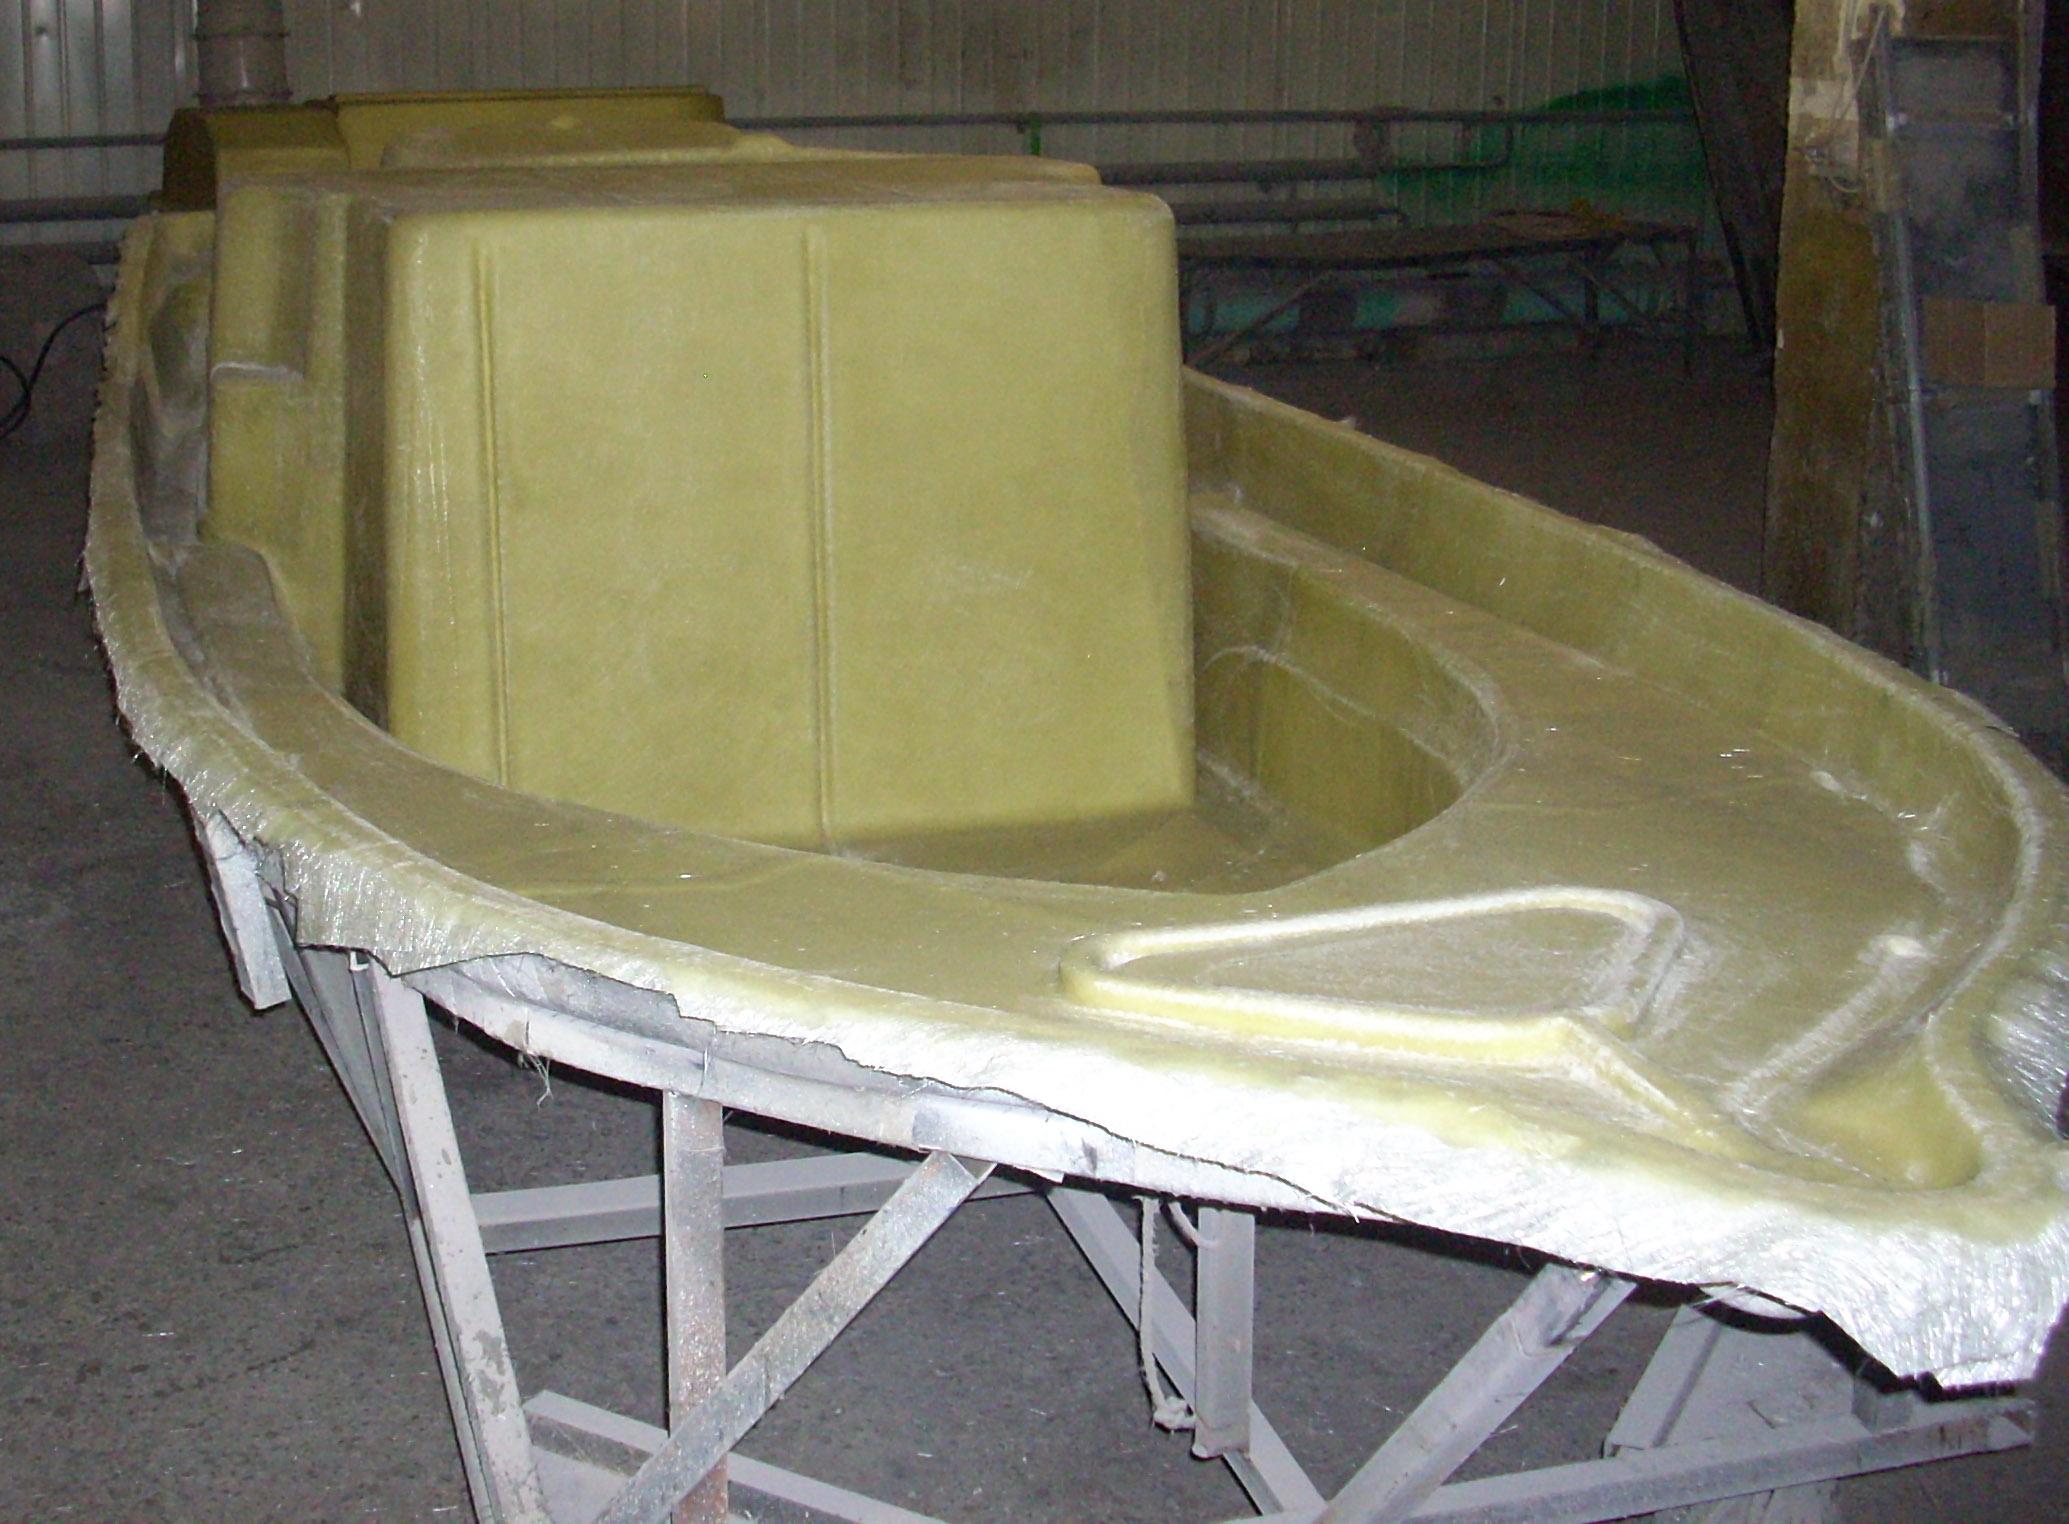 Ремонт стеклопластиковых лодок своими руками полиэфирными смолами